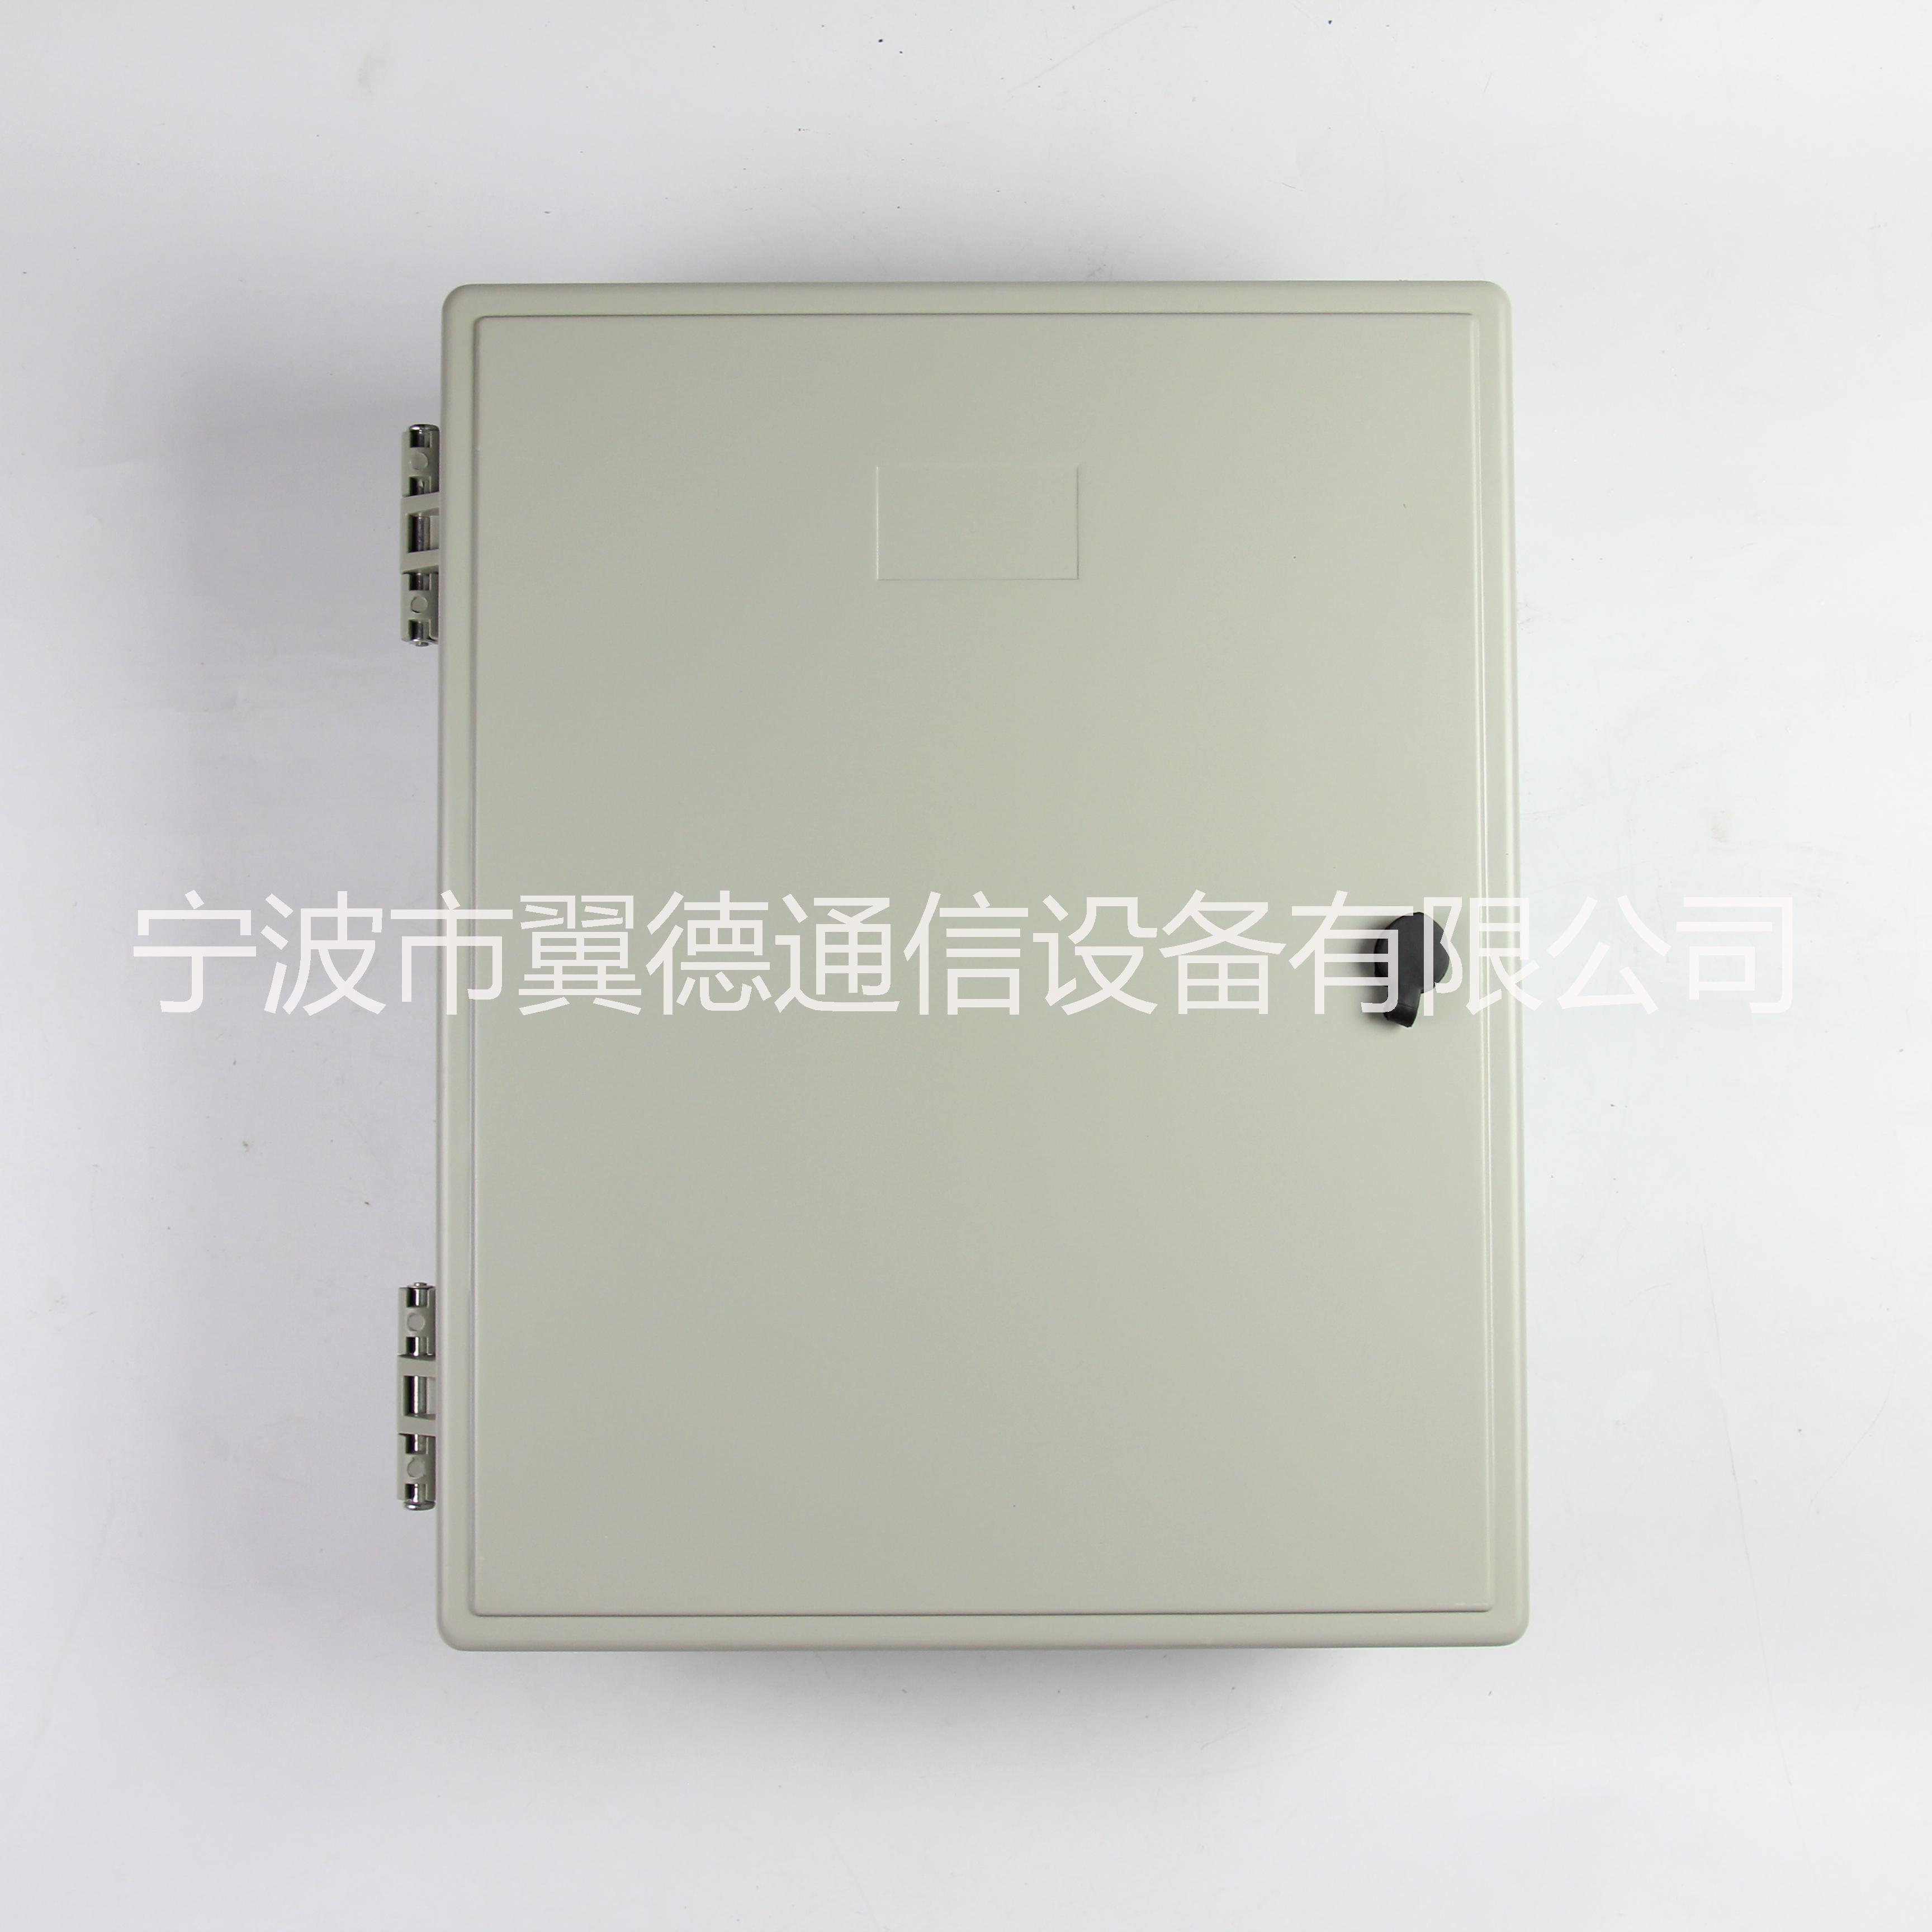 翼德通信供应宁波新款壁挂抱杆24芯分光分线箱,光分路器箱,光缆交接箱箱 24芯分光分线箱